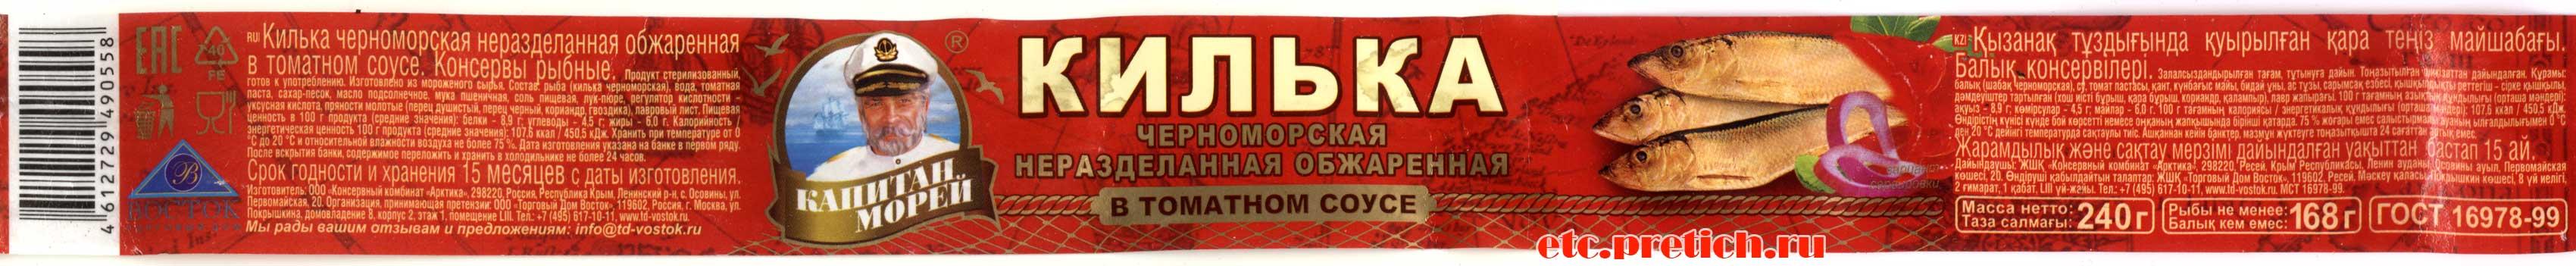 Отзыв на консервы Килька черноморская обжаренная в томатном соусе